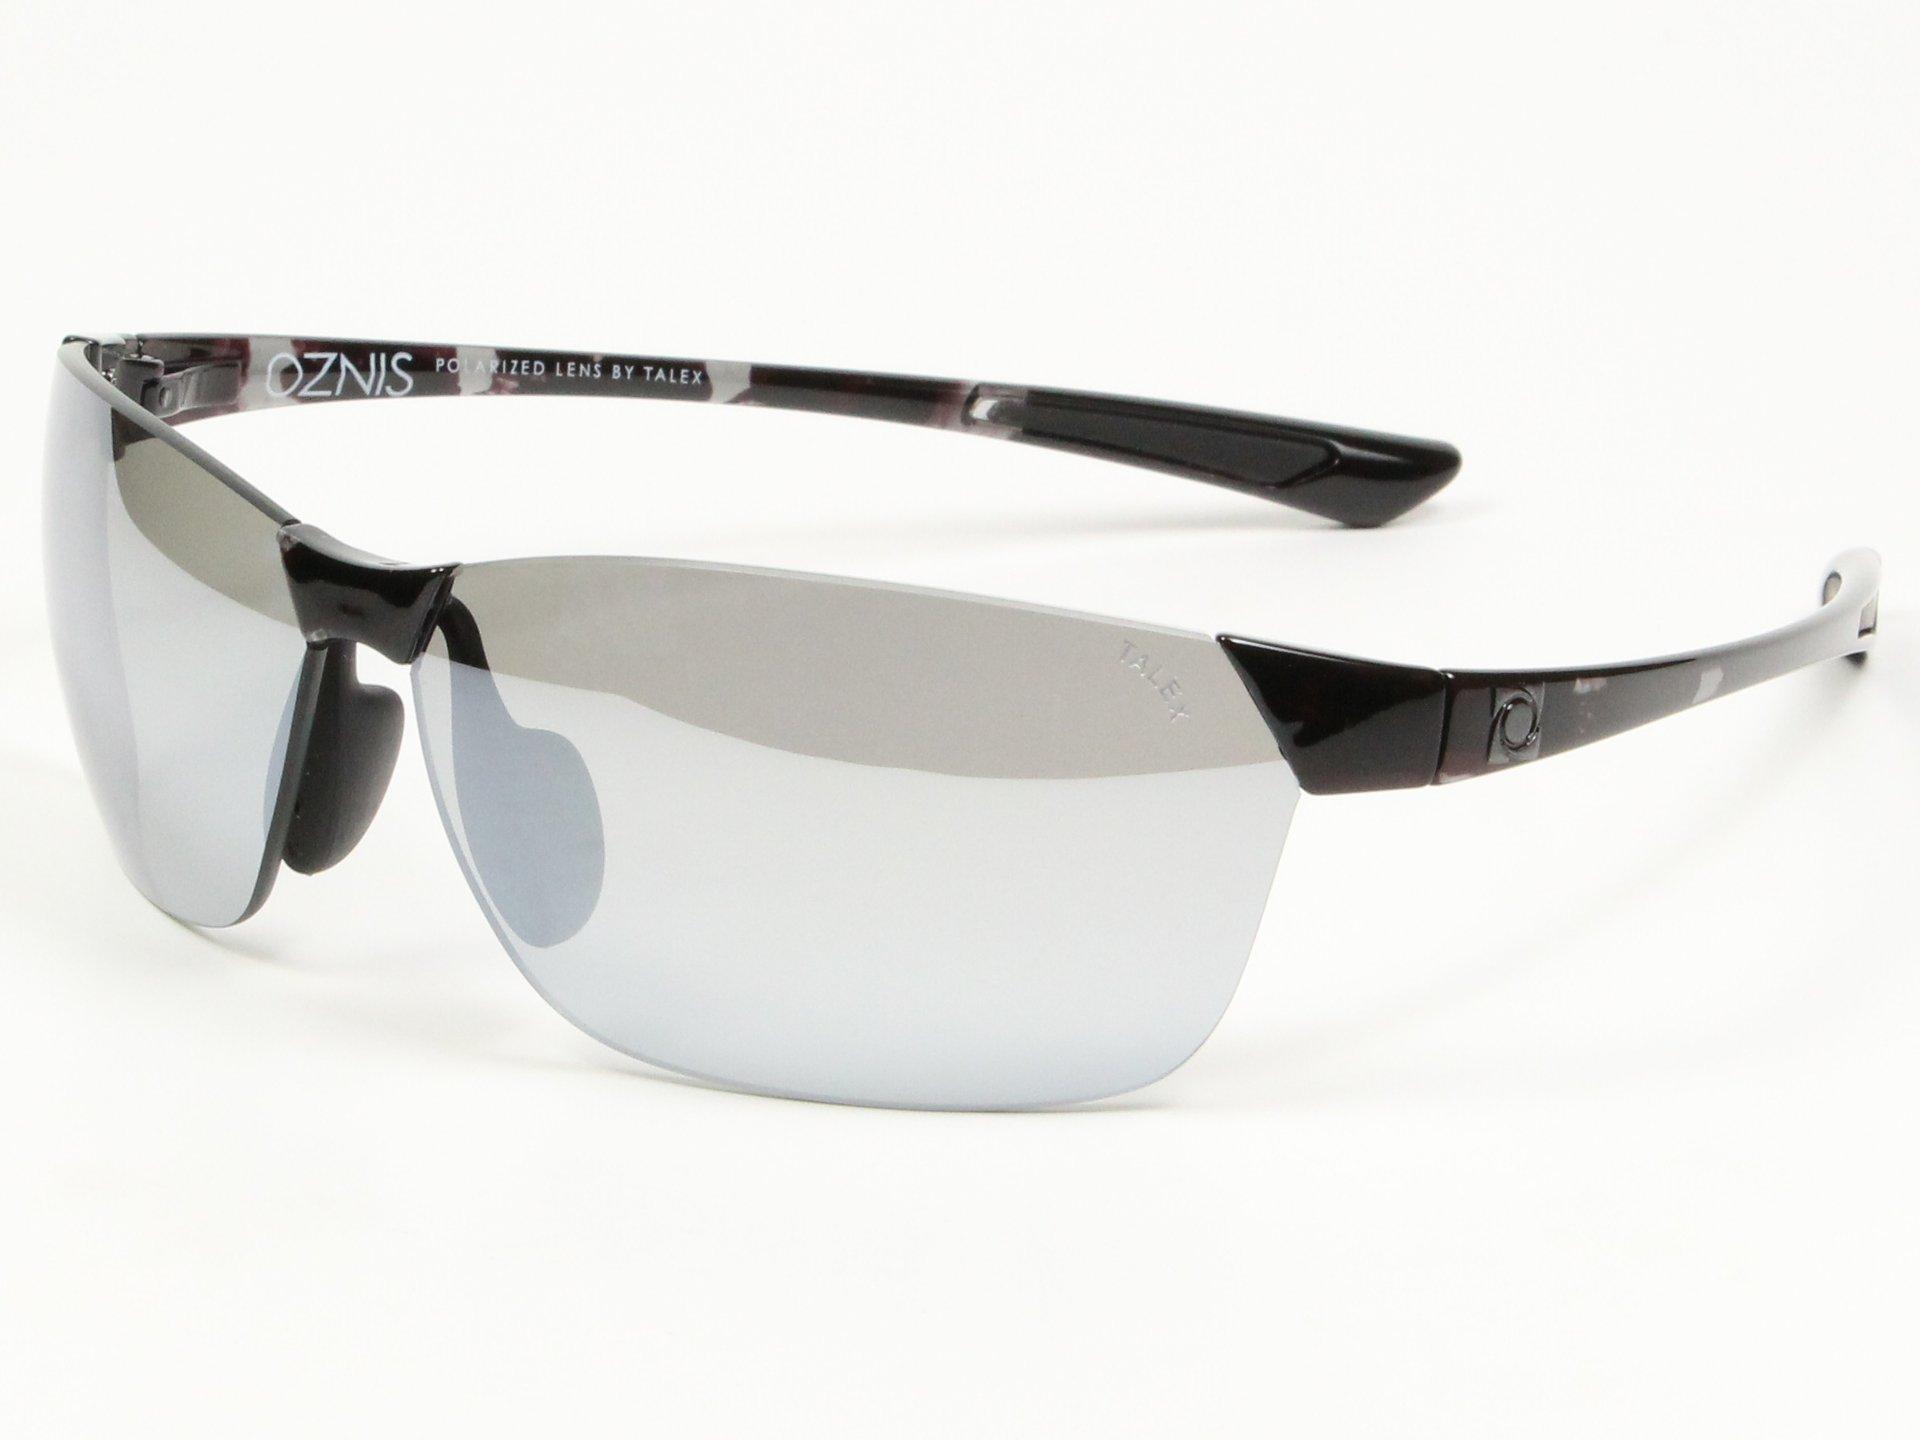 TALEX(タレックス)度なしサングラス製作例 OZNIS FLAT09(オズニス・フラット09)